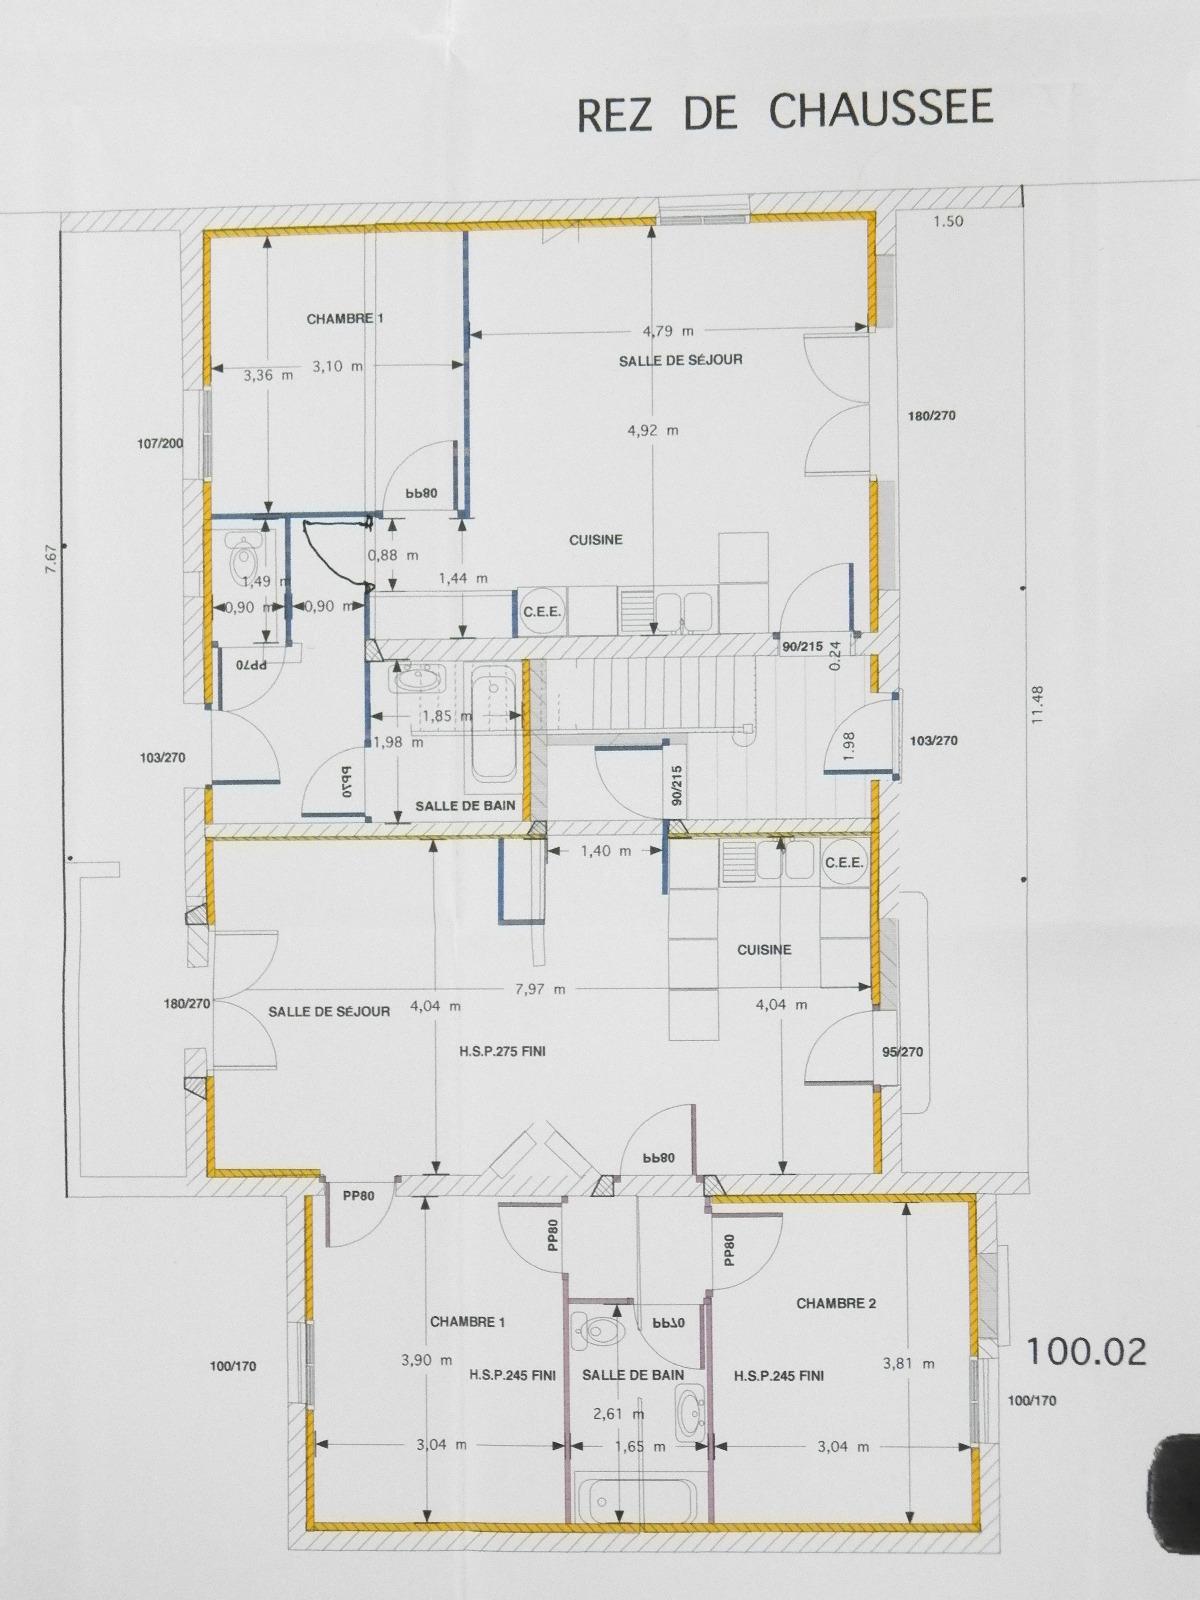 Vente louhans 71 special investisseurs immeuble 4 logements loues 2 garages